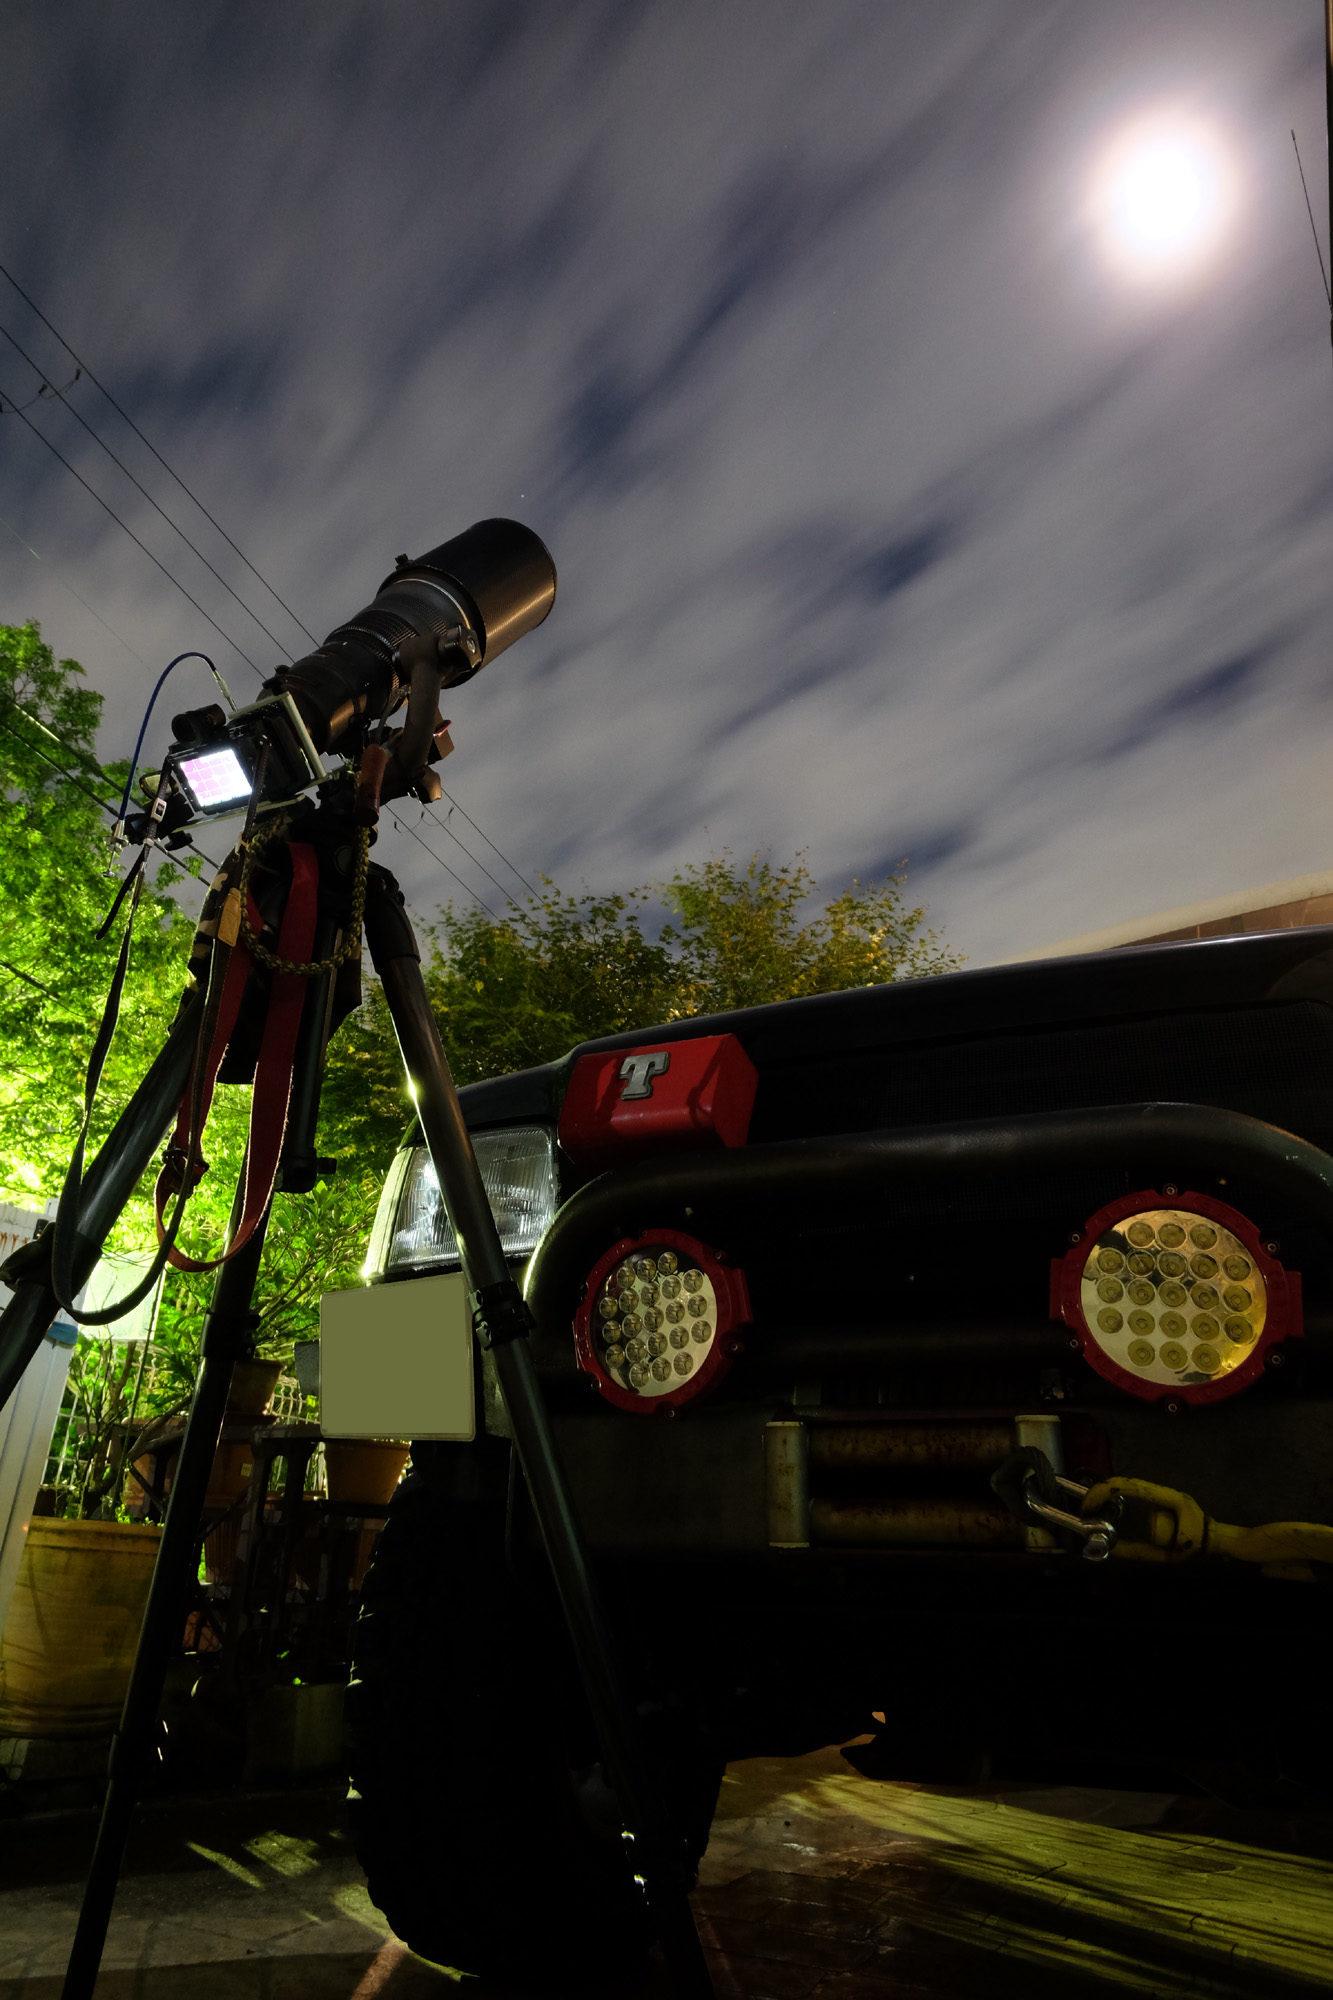 ニコワンとゴーヨンで月を撮る。Nikon1 V3 + FT-1 + AF-S 500mm F4 + TC-14E 1890mm相当ノートリミング